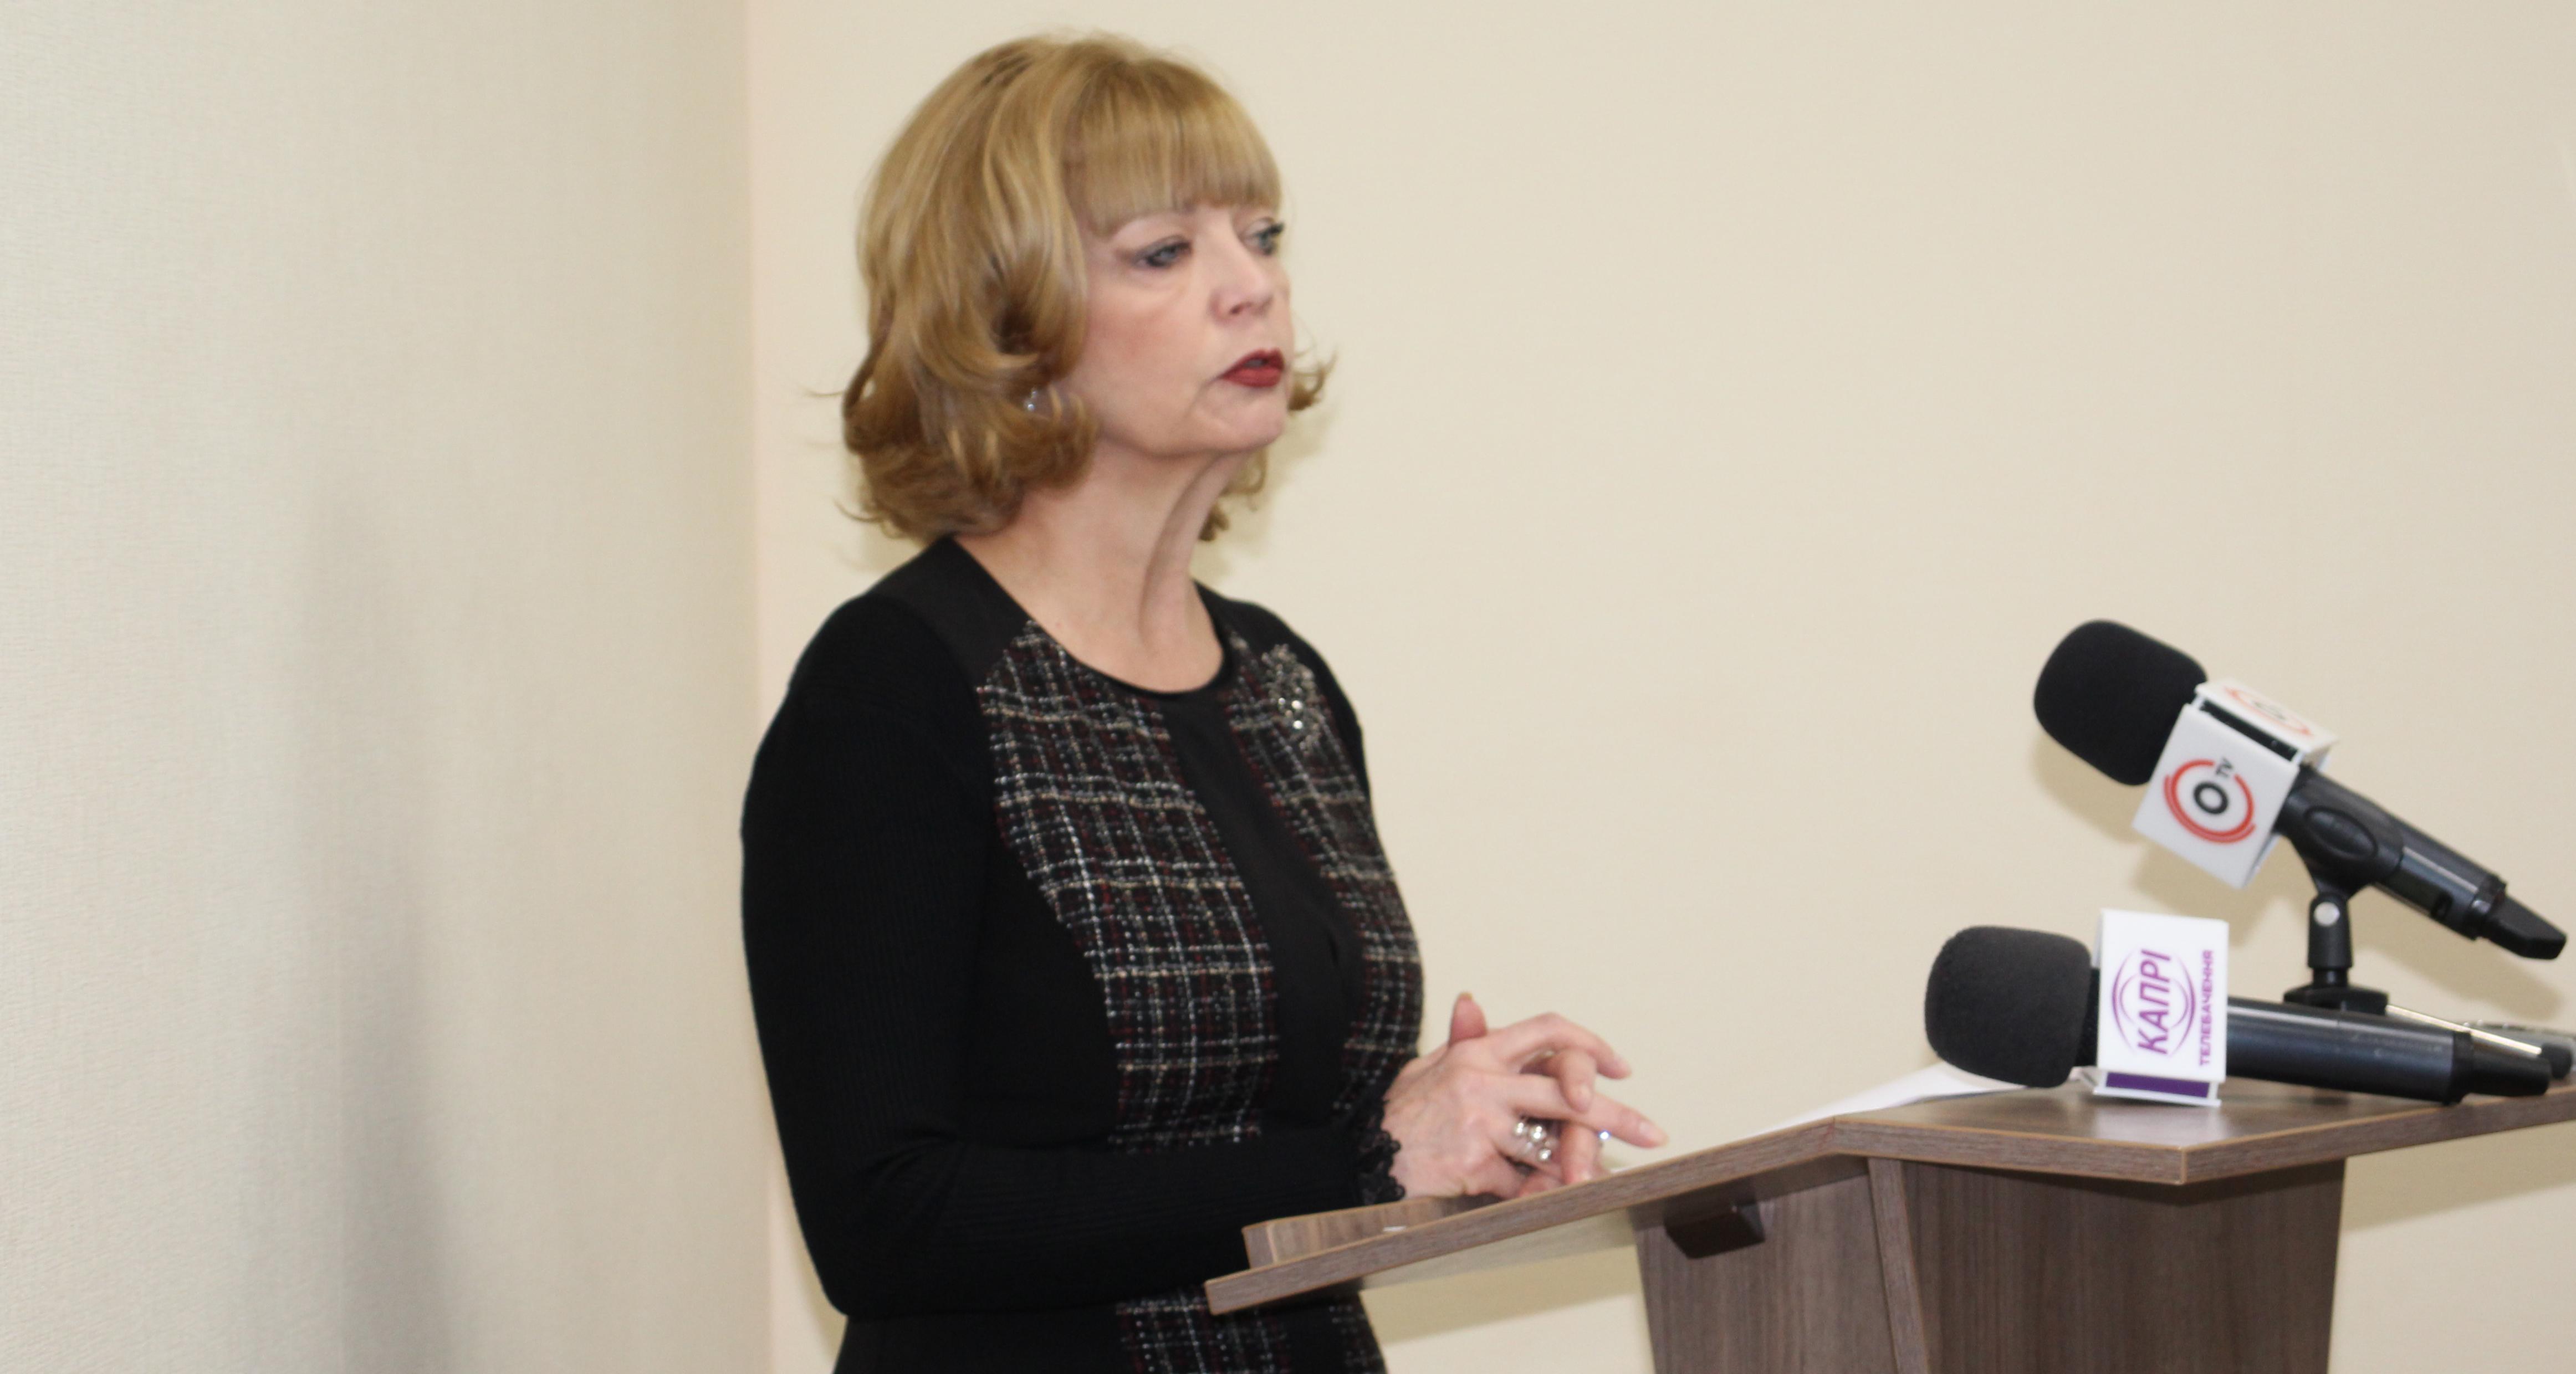 Працевлаштування мешканців Покровська: діє програма зайнятості населення, фото-1